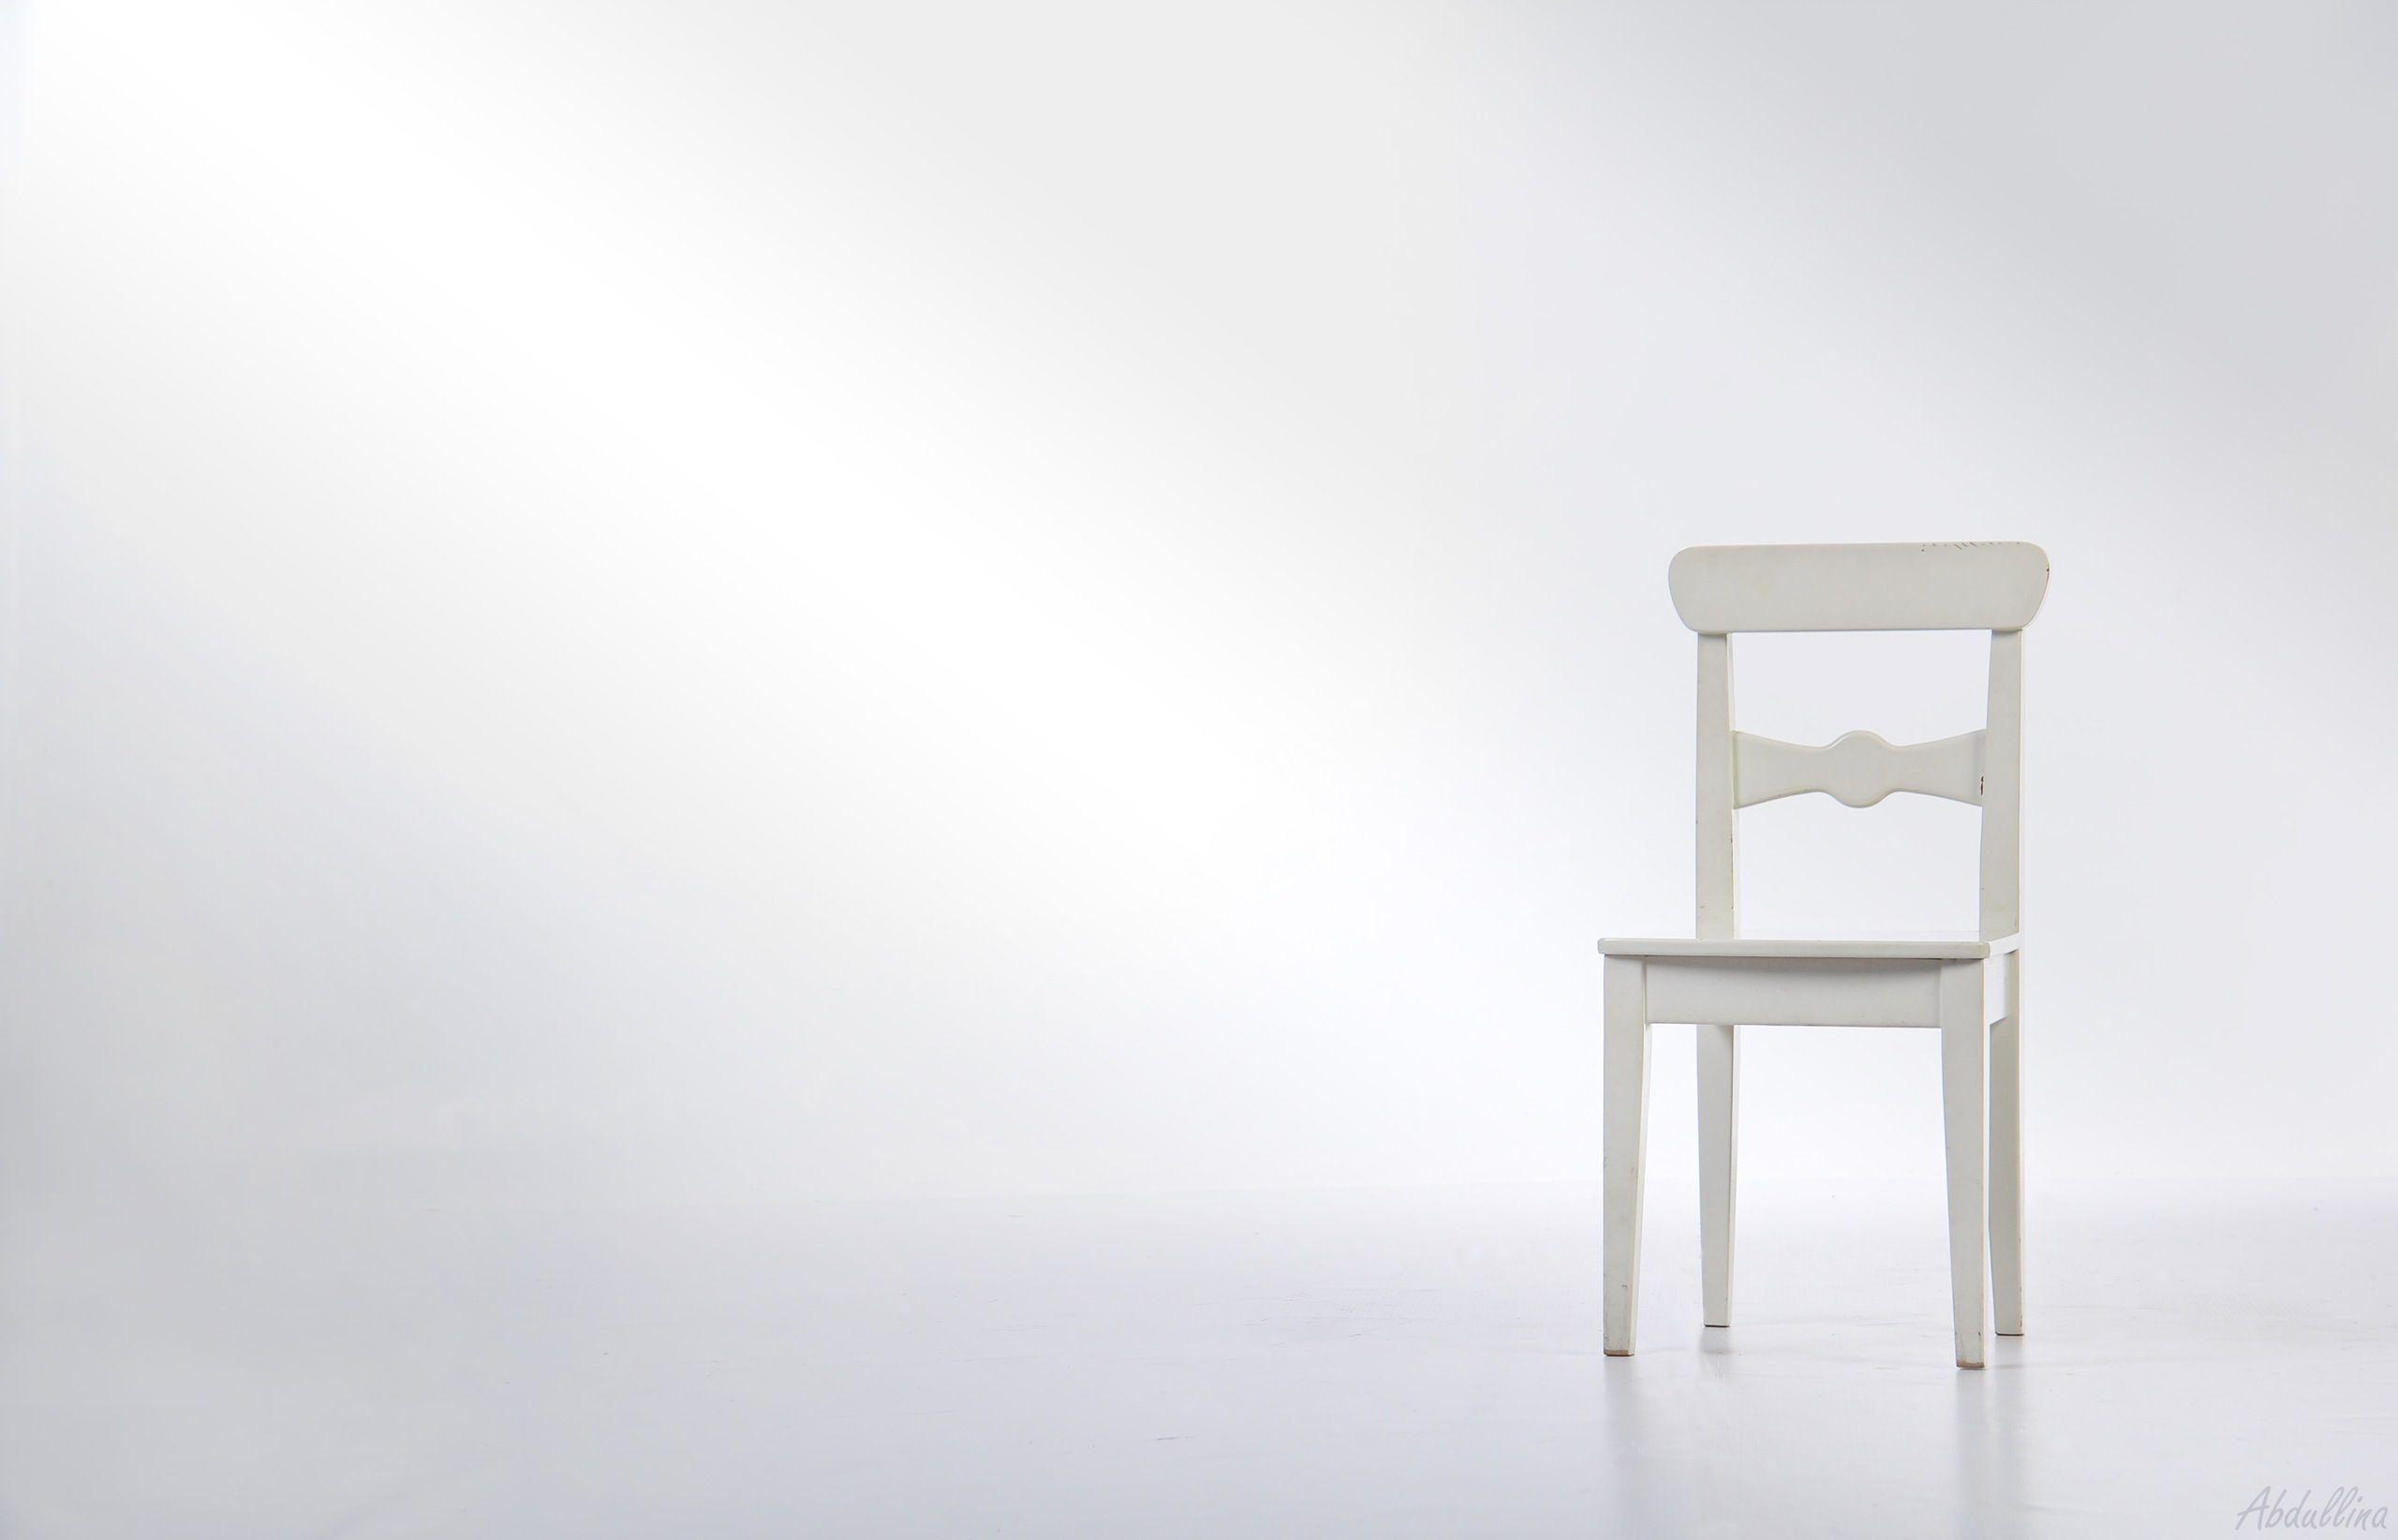 A White Chair In A White Room Hd Wallpaper White Chair Chair Studio Chairs